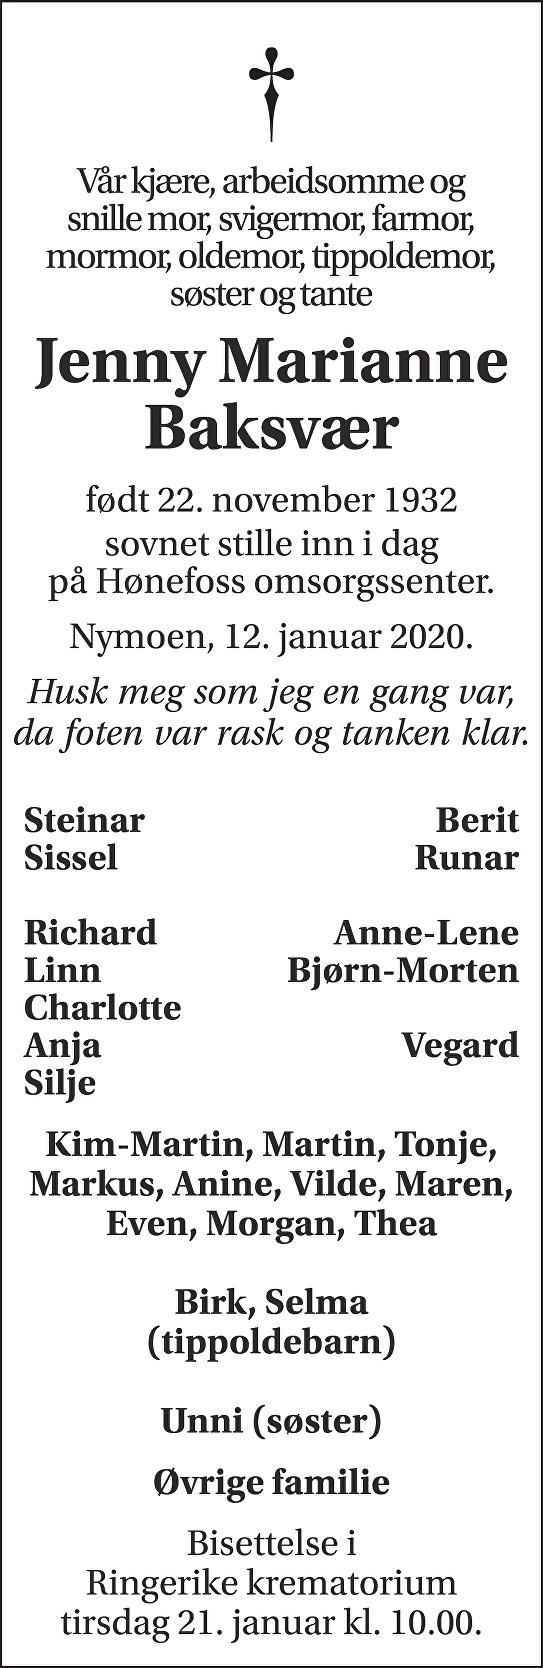 Jenny Marianne Baksvær Dødsannonse